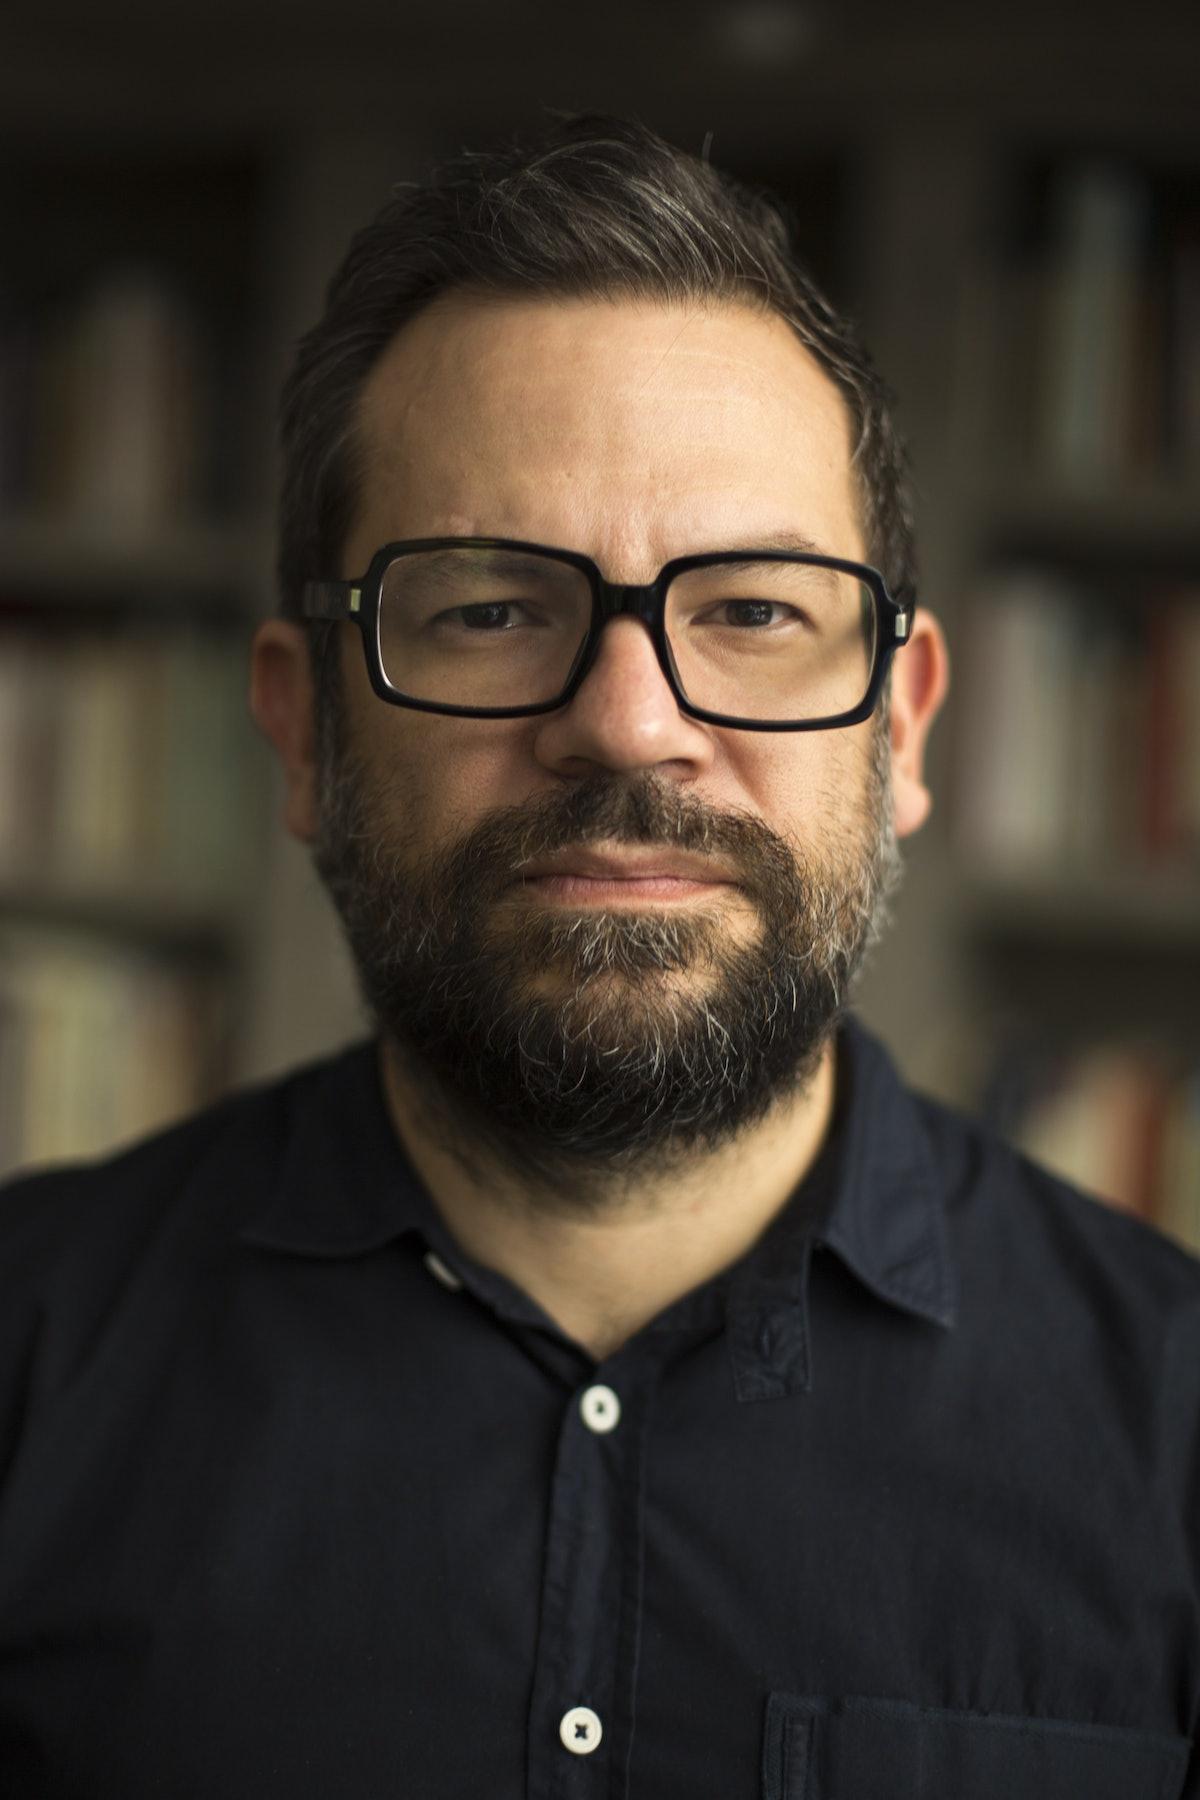 Pedro Reyes Portrait.jpg